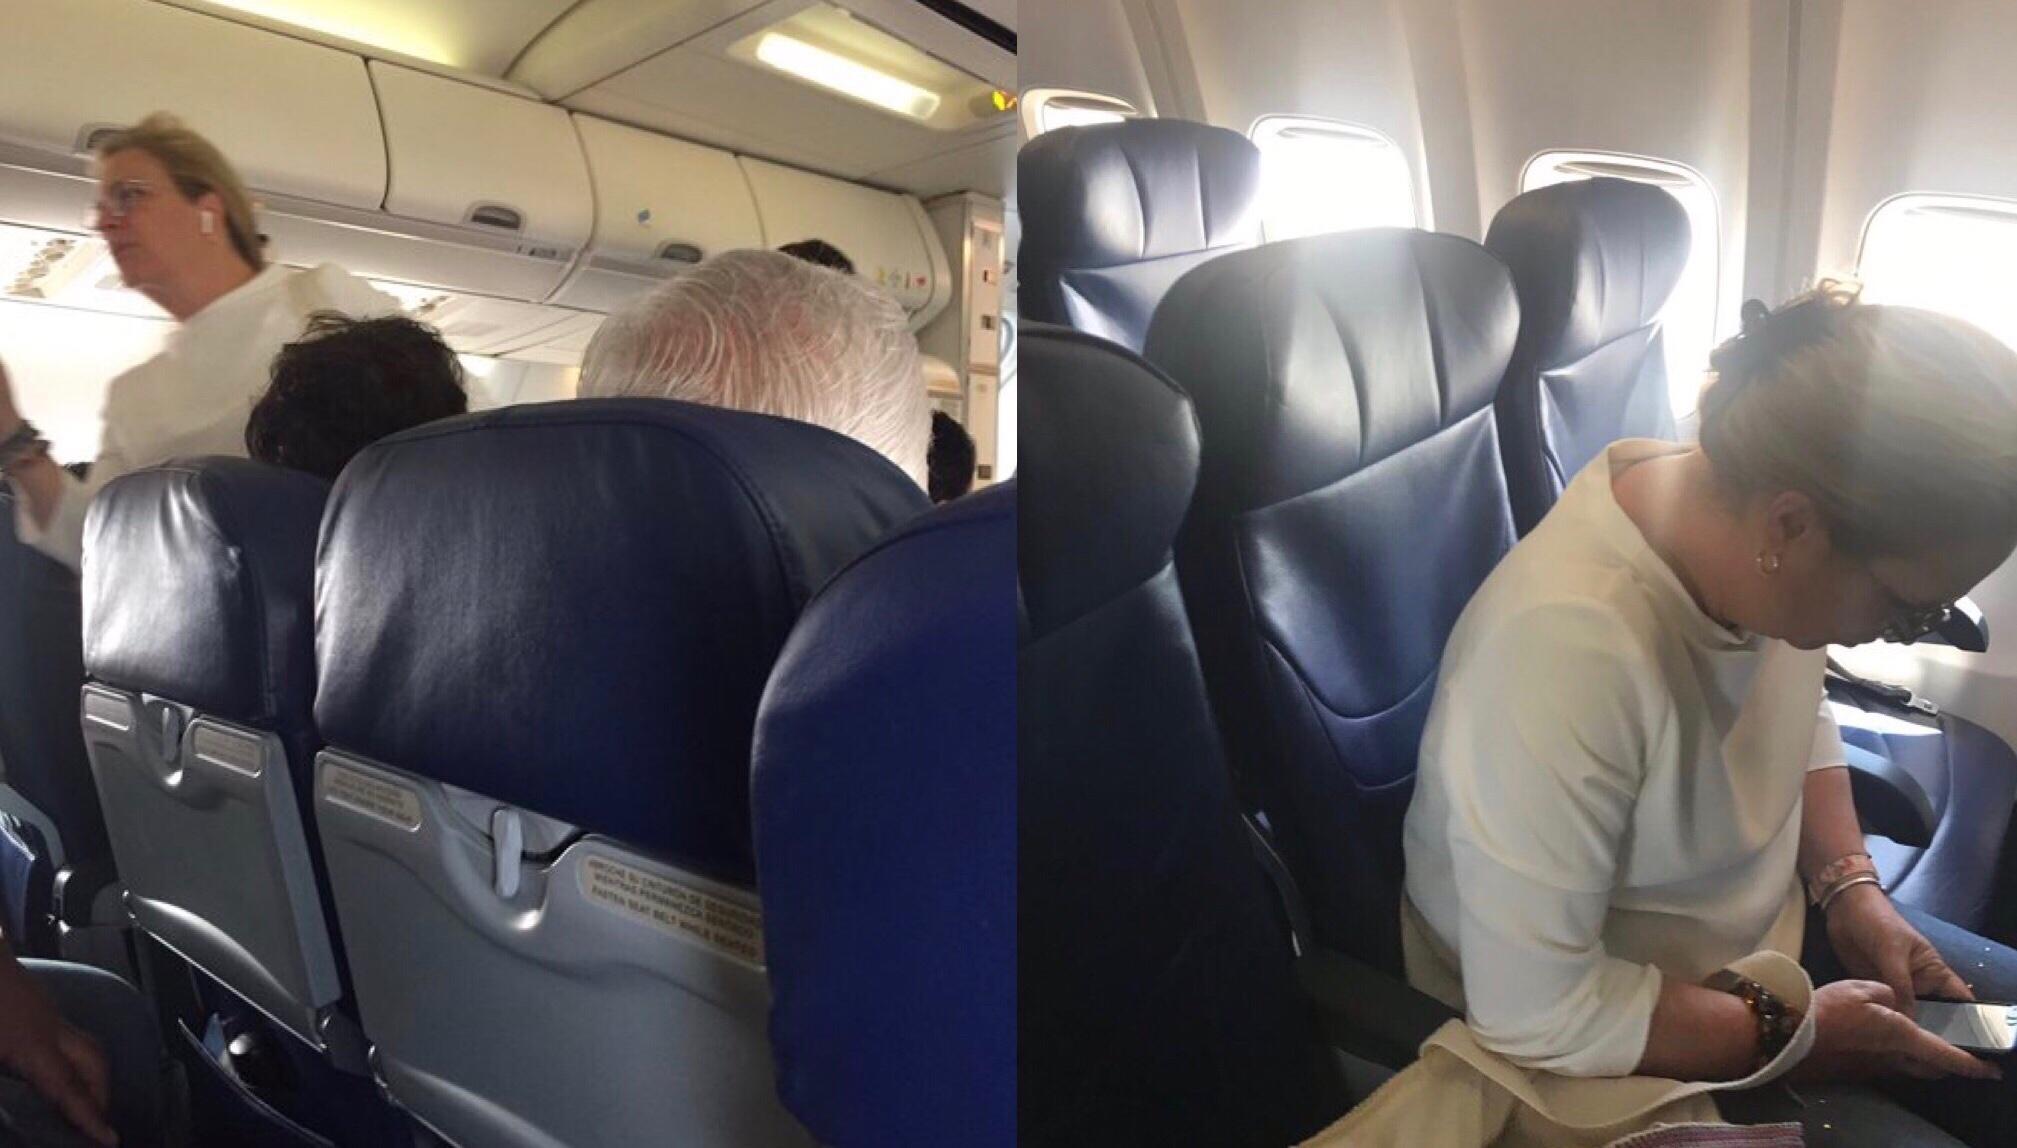 Lo del avión fue un pretexto.